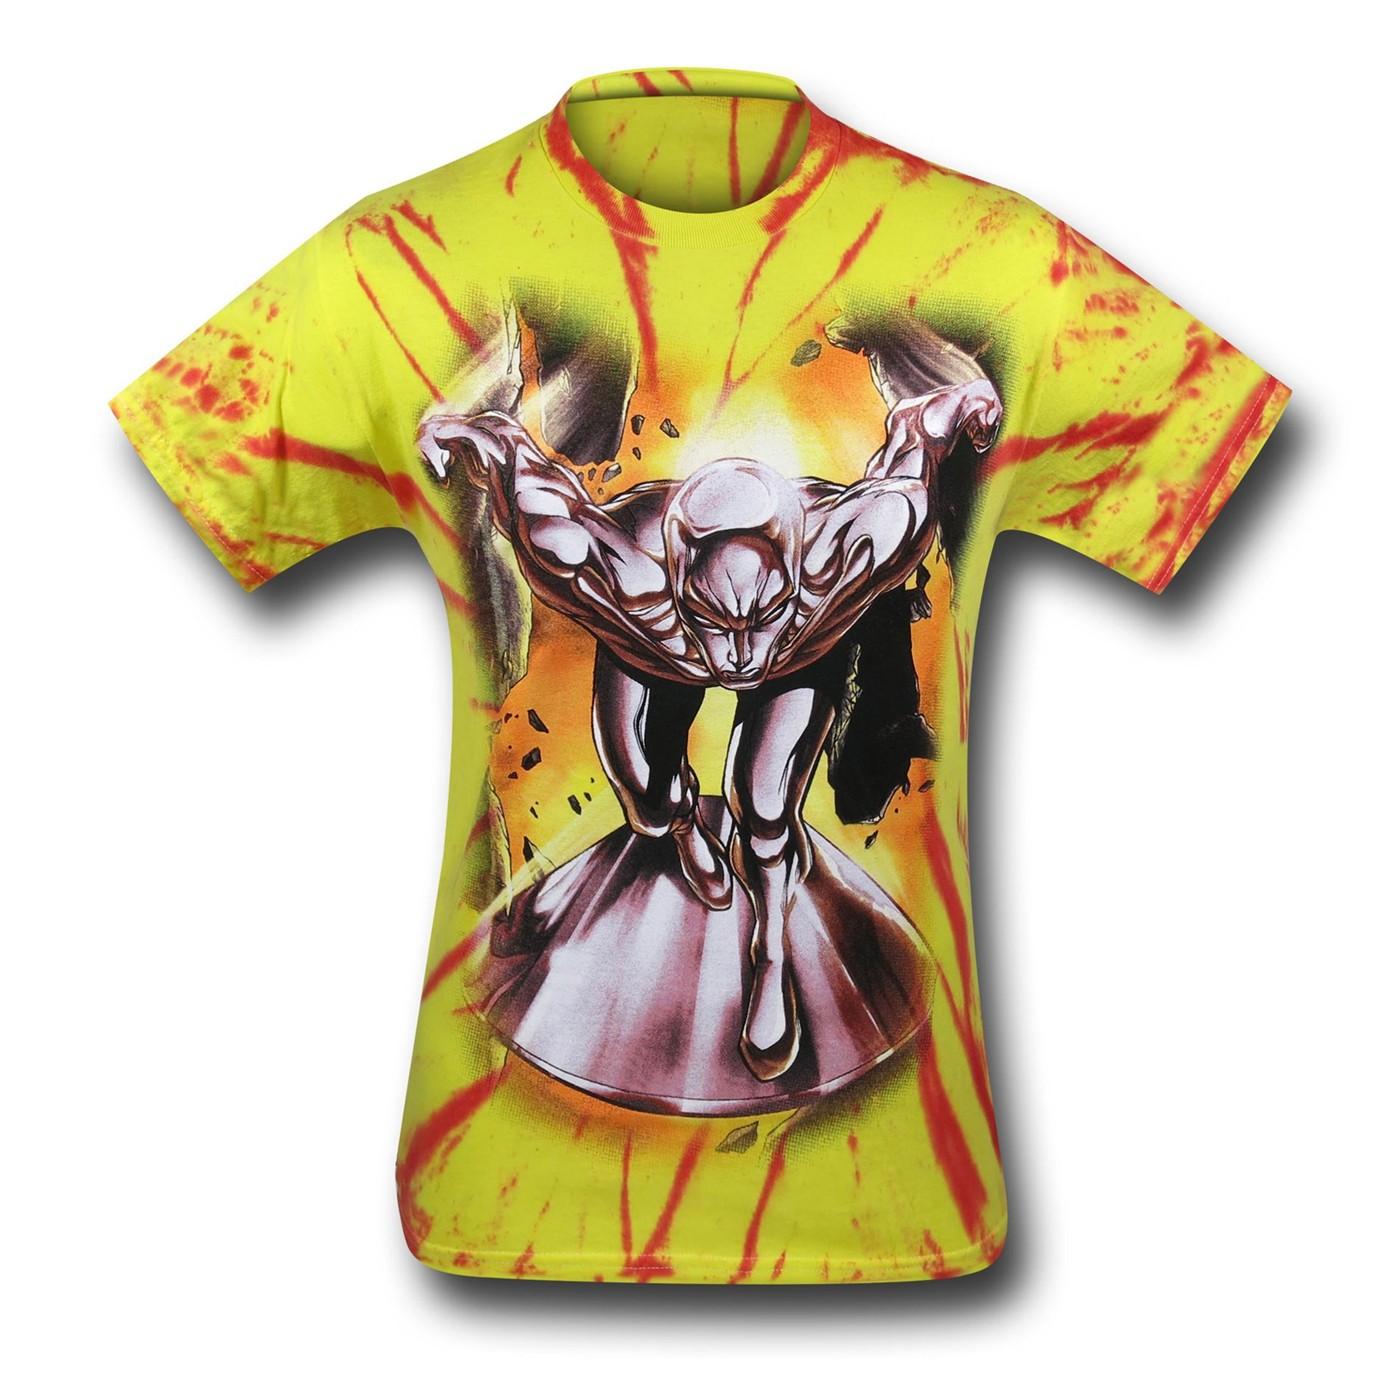 Silver Surfer Runnin' Wild Tie-Dye T-Shirt